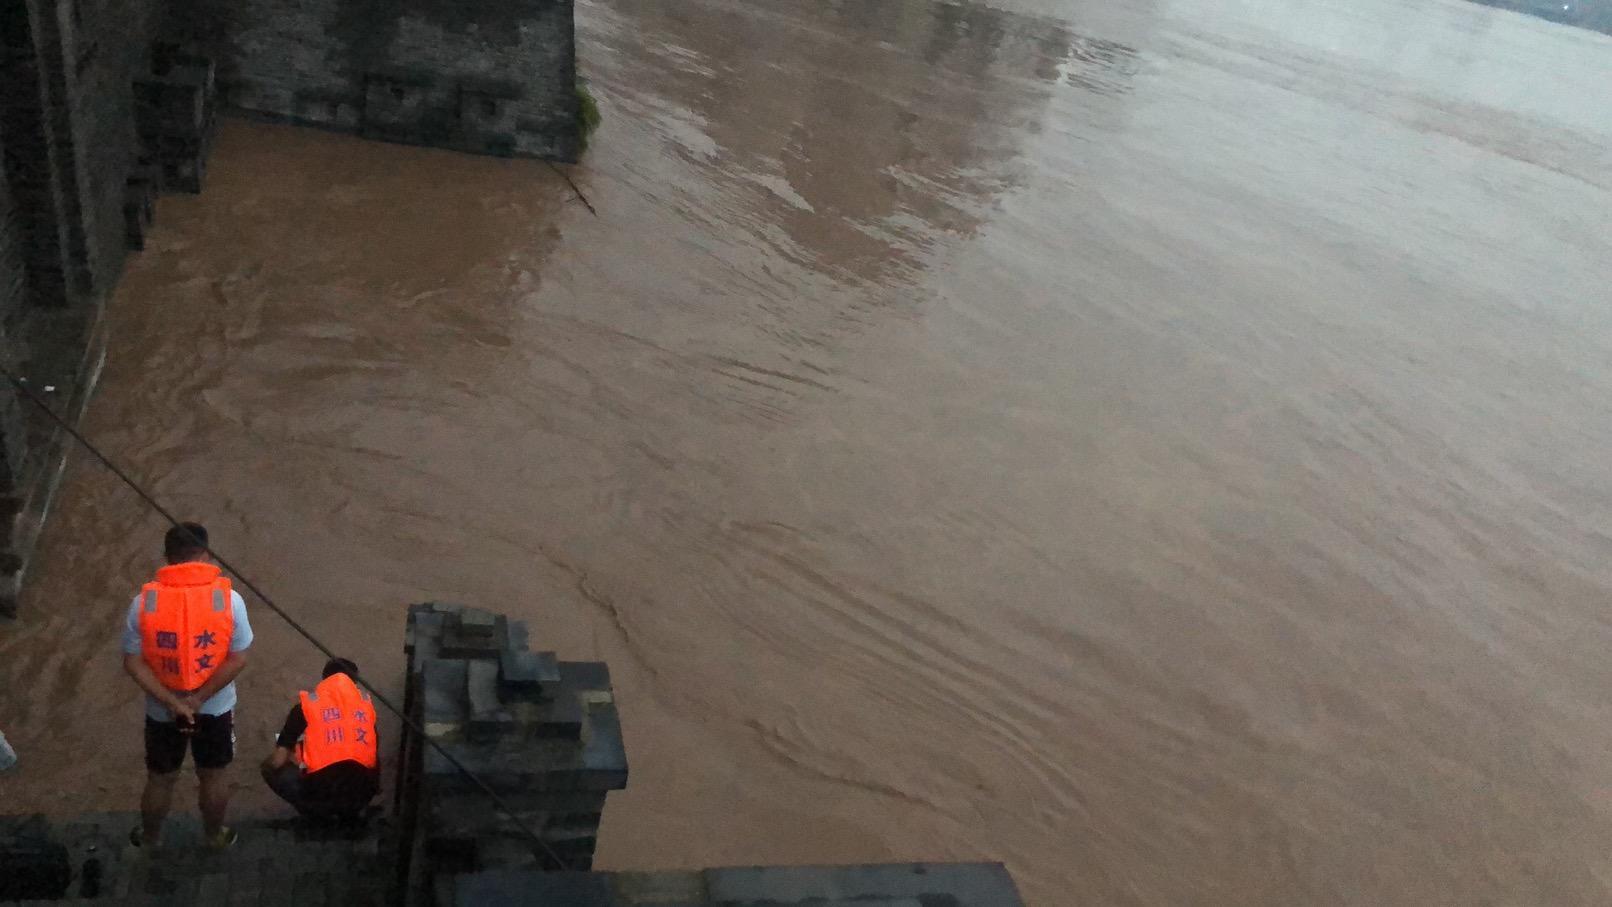 超警戒水位5.22米!渠江洪峰今晨5点15分安全过境四川广安城区